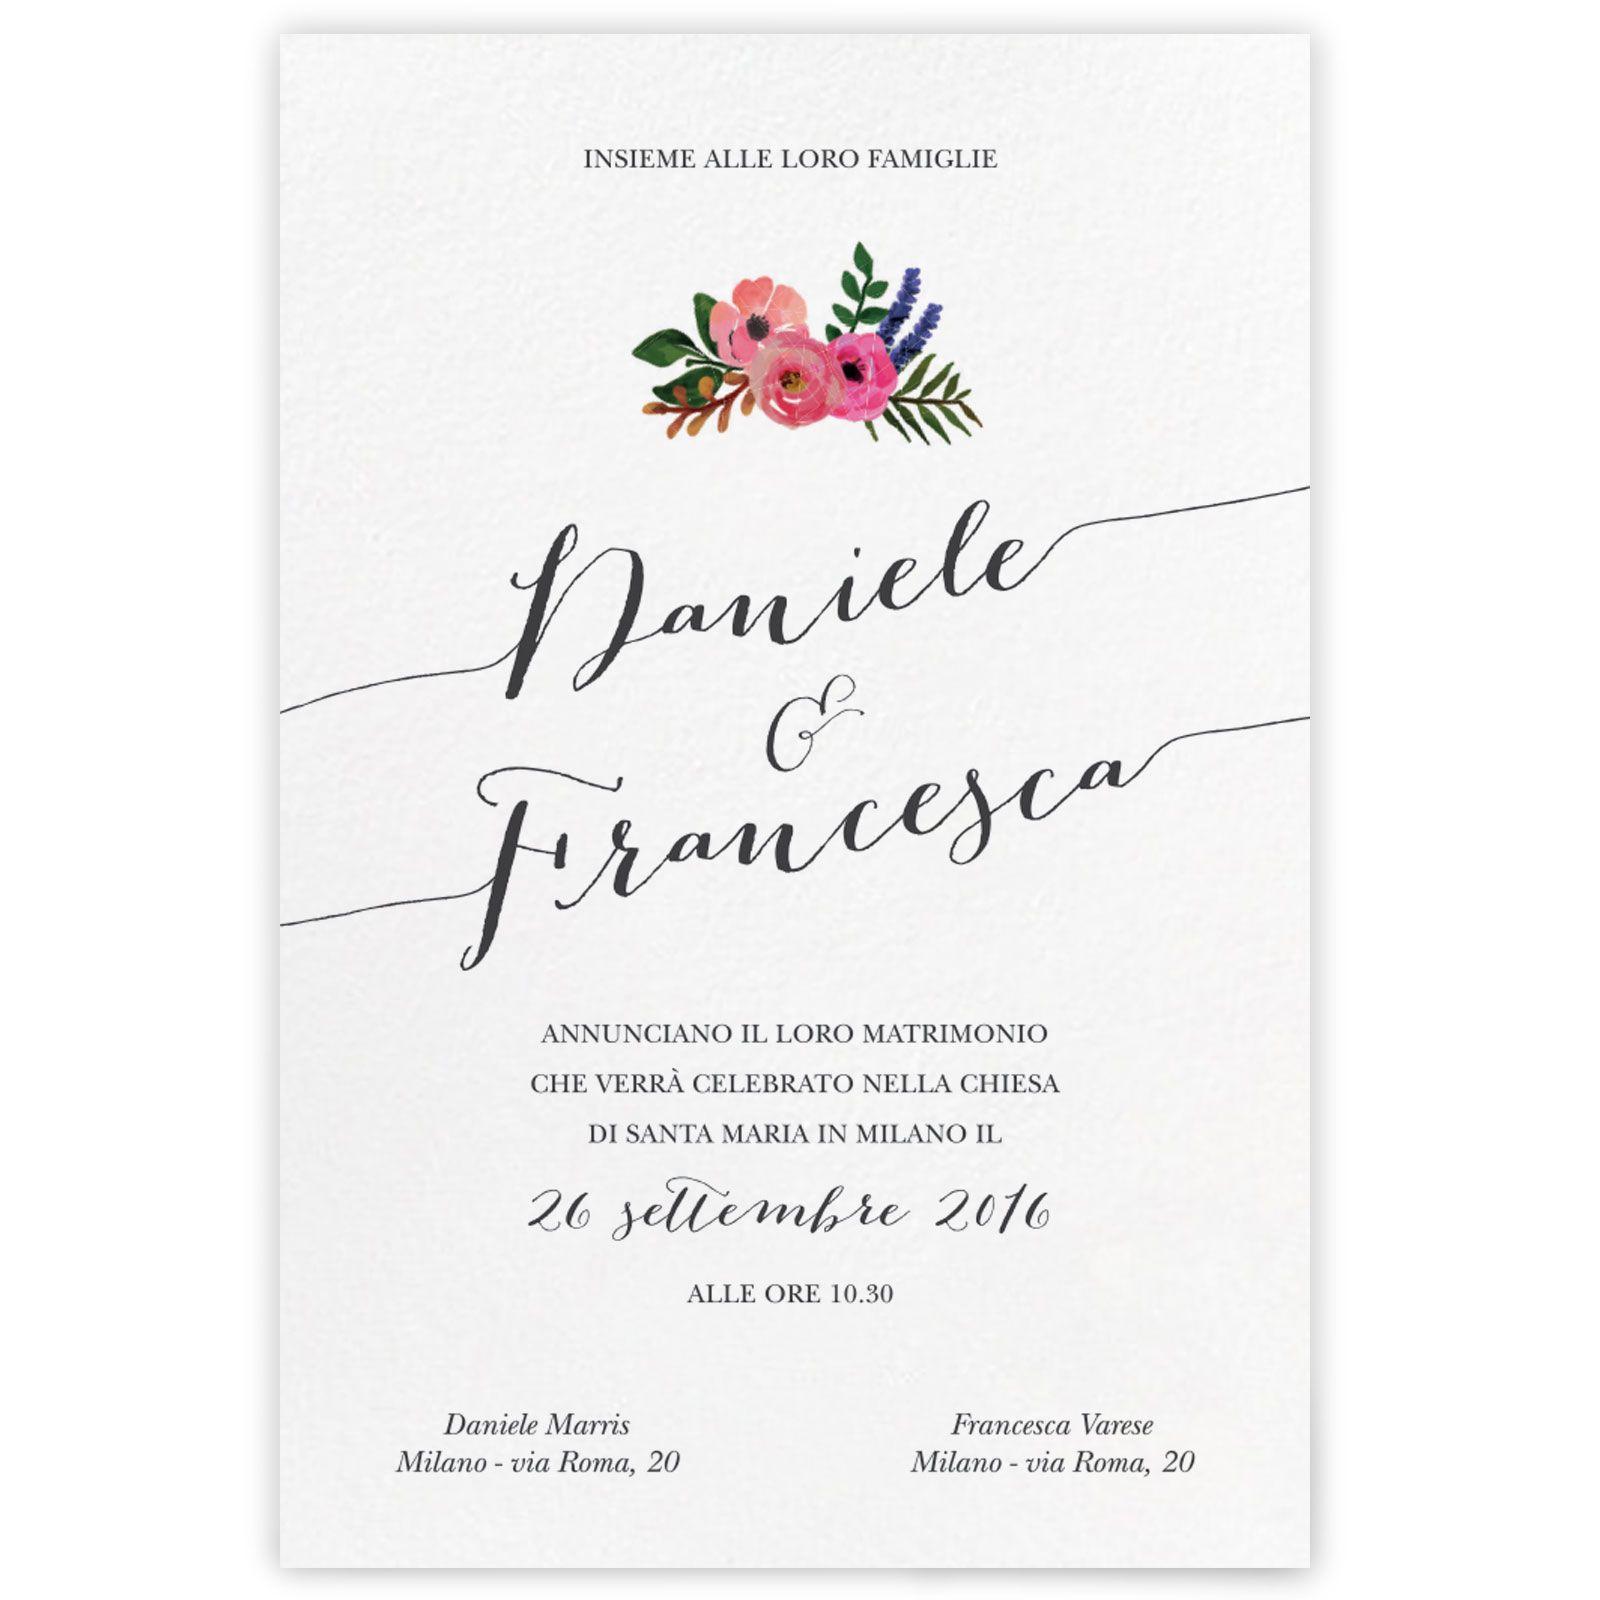 Partecipazione Di Matrimonio In Stile Rustico Arricchita Da Un Delicato Decoro Floreale Con Nuance Pastell Partecipazione Di Matrimonio Matrimonio Ricevimenti